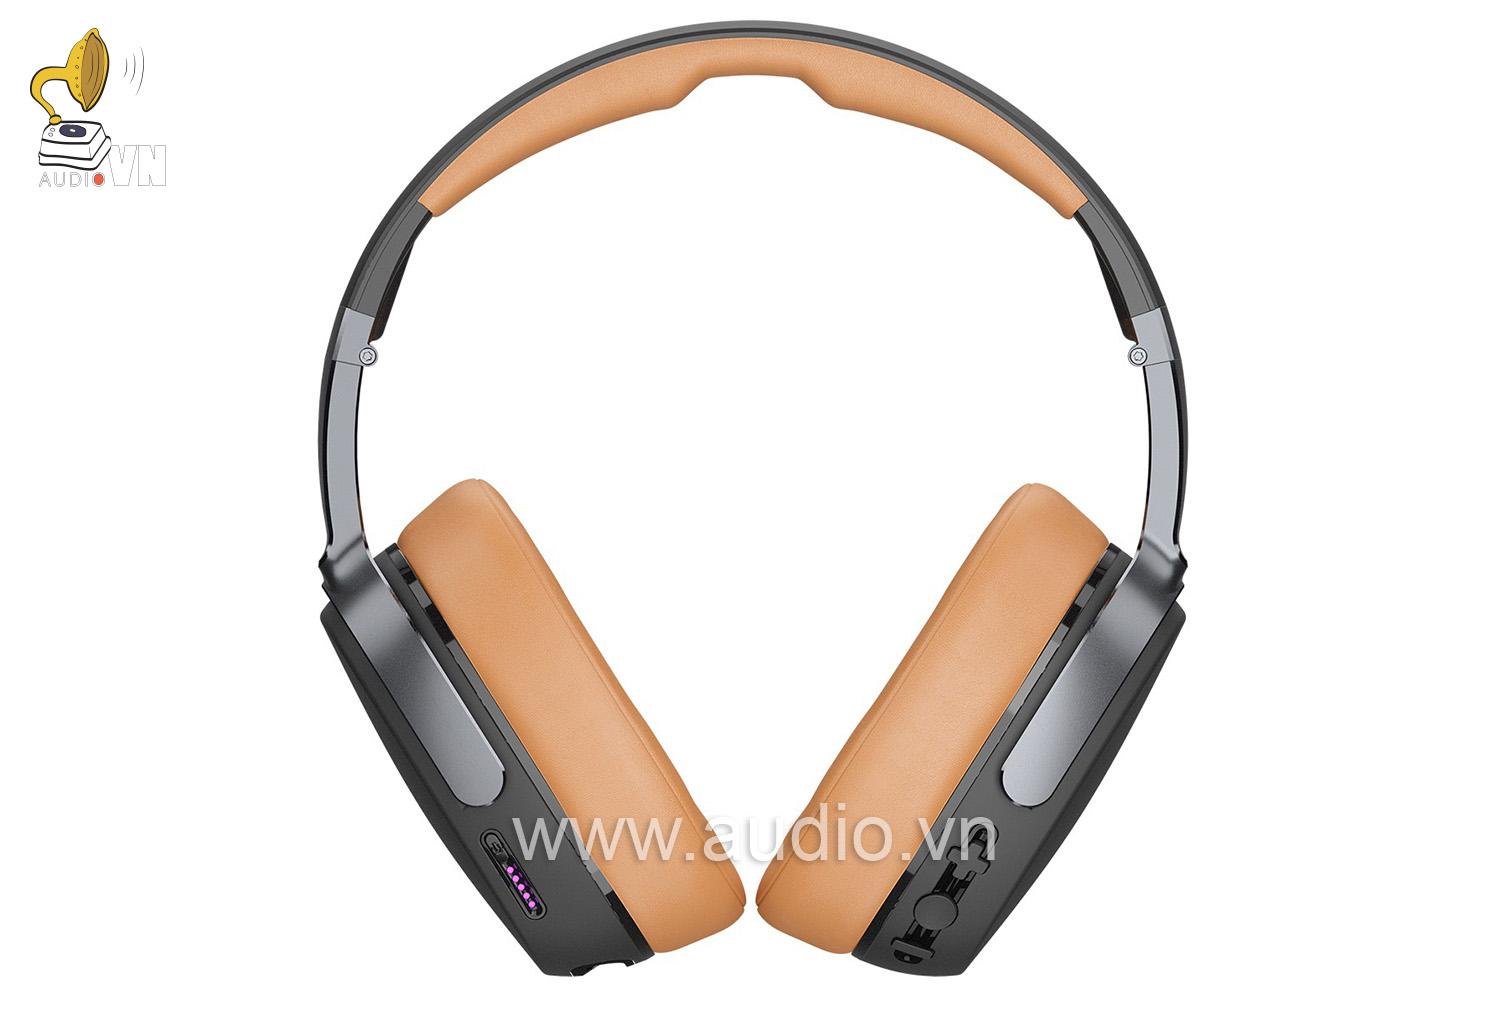 Skullcandy Crusher VRA Wireless Over-ear